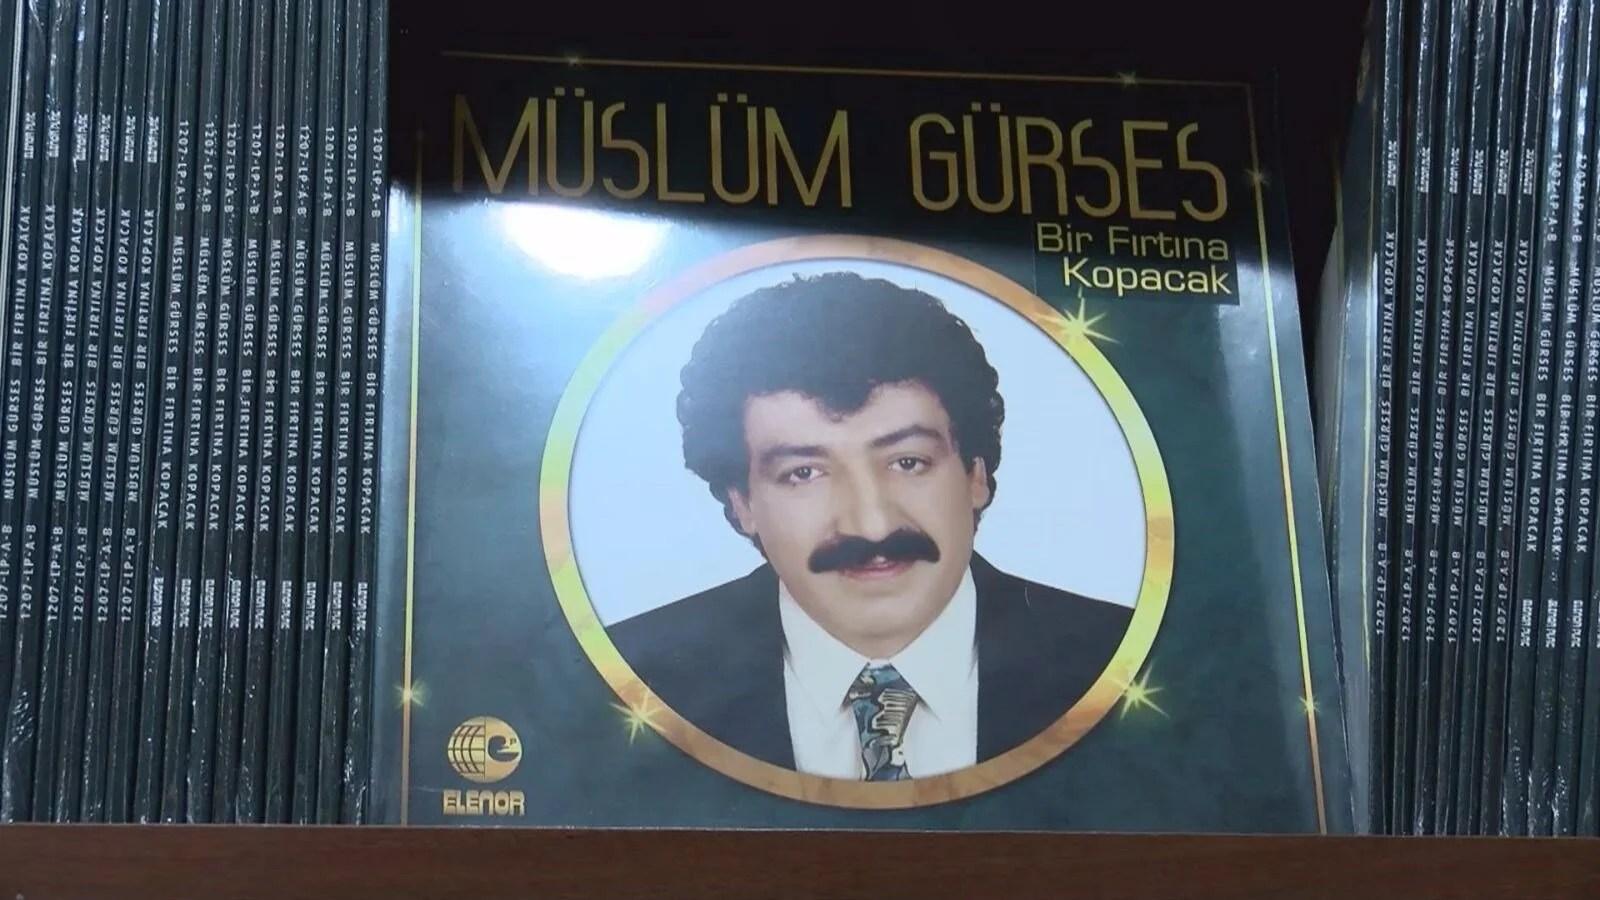 Eski albümler yeniden basıldı: Unkapanı Plakçılar Çarşısı tekrar hareketlendi - 3